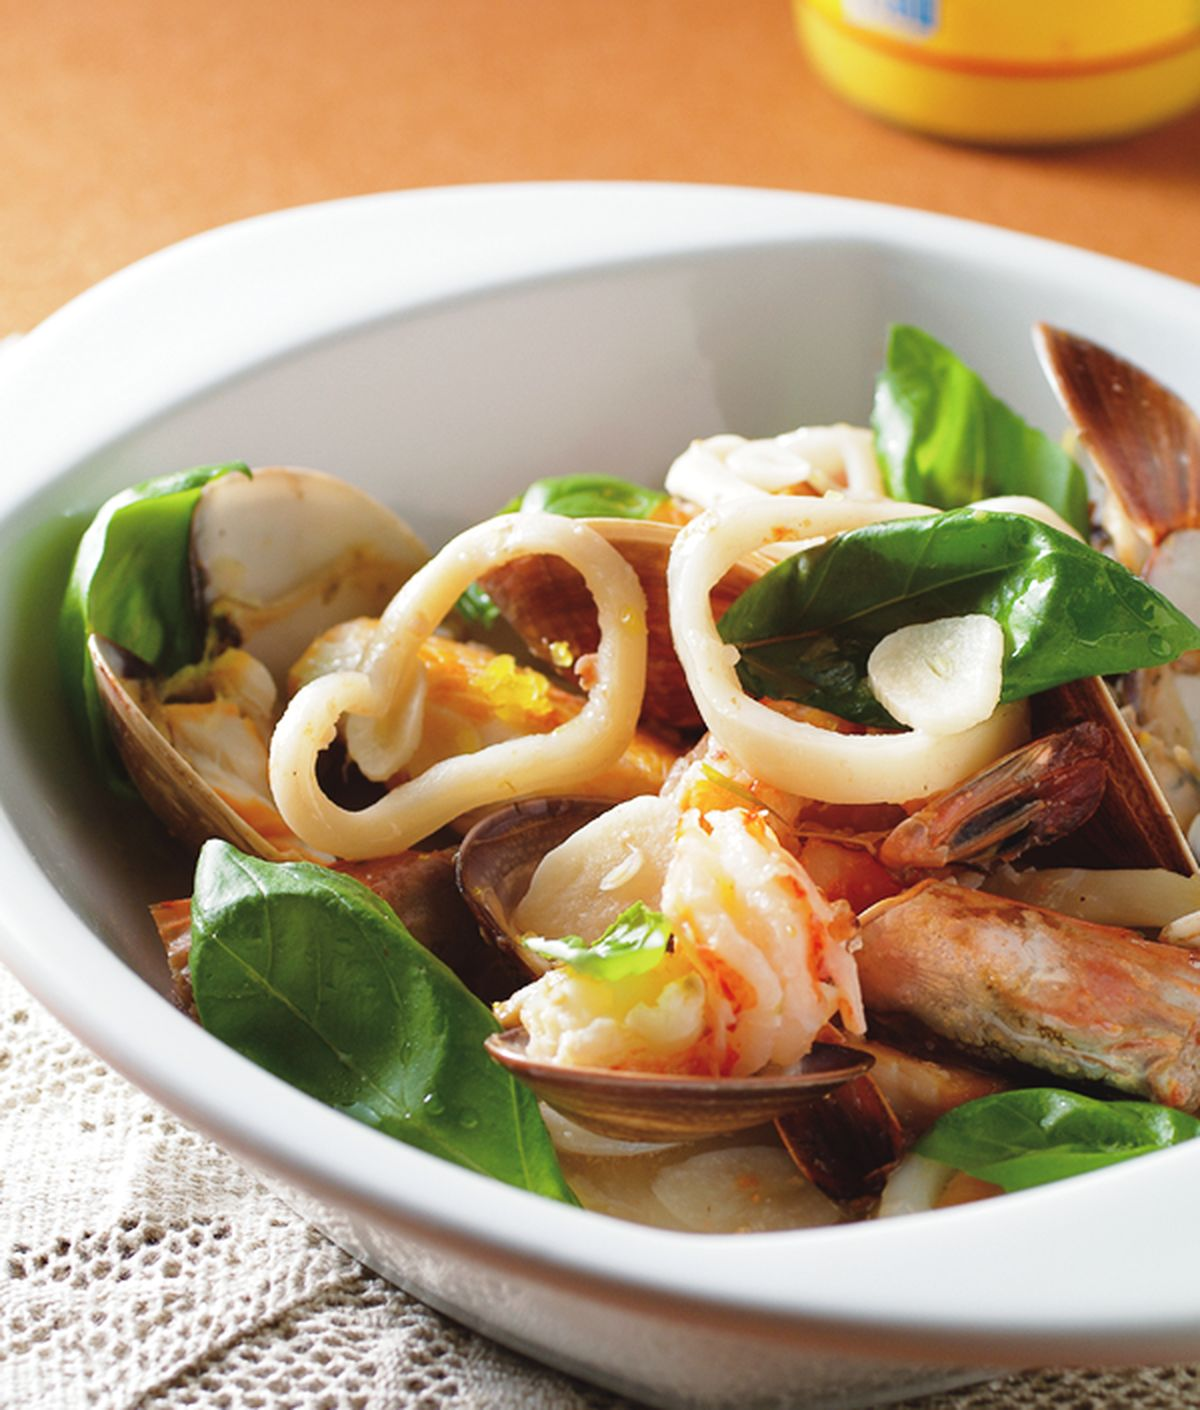 食譜:蒜蓉烤海鮮